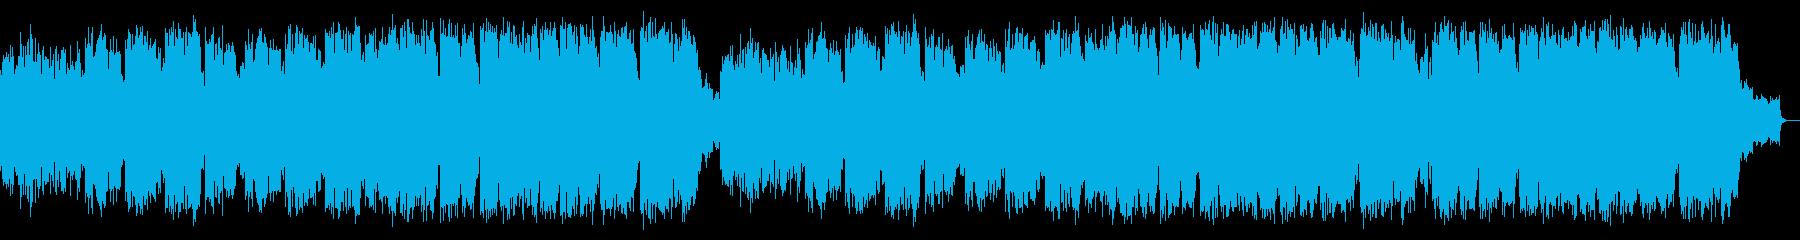 サックスで奏でるゆったり癒される優しい曲の再生済みの波形